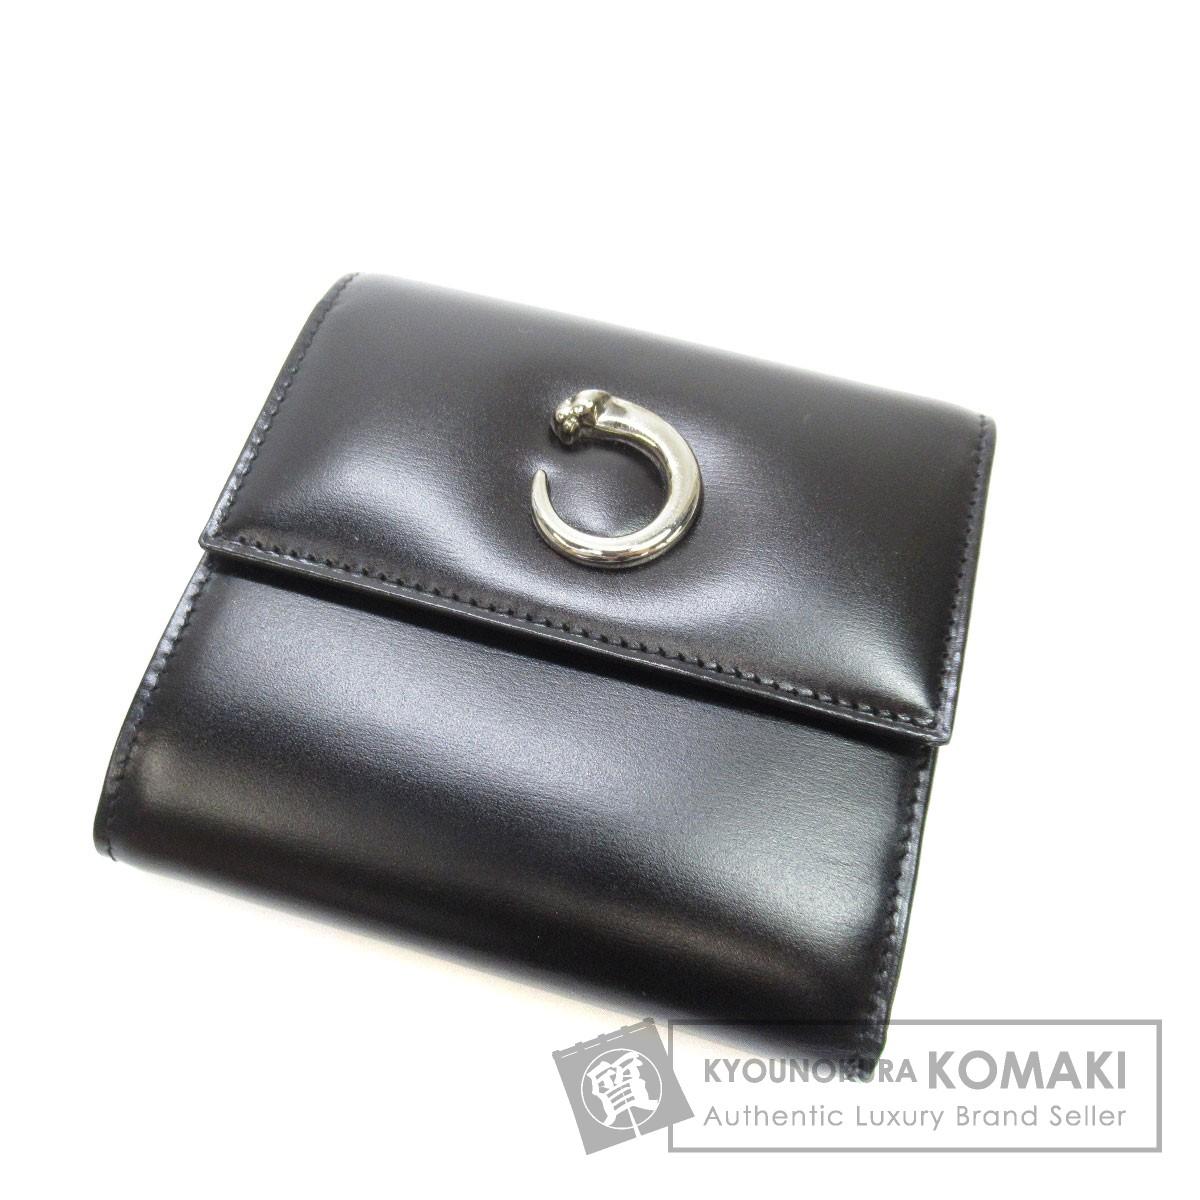 CARTIER パンサーモチーフ 二つ折り財布(小銭入れあり) レザー レディース 【中古】【カルティエ】